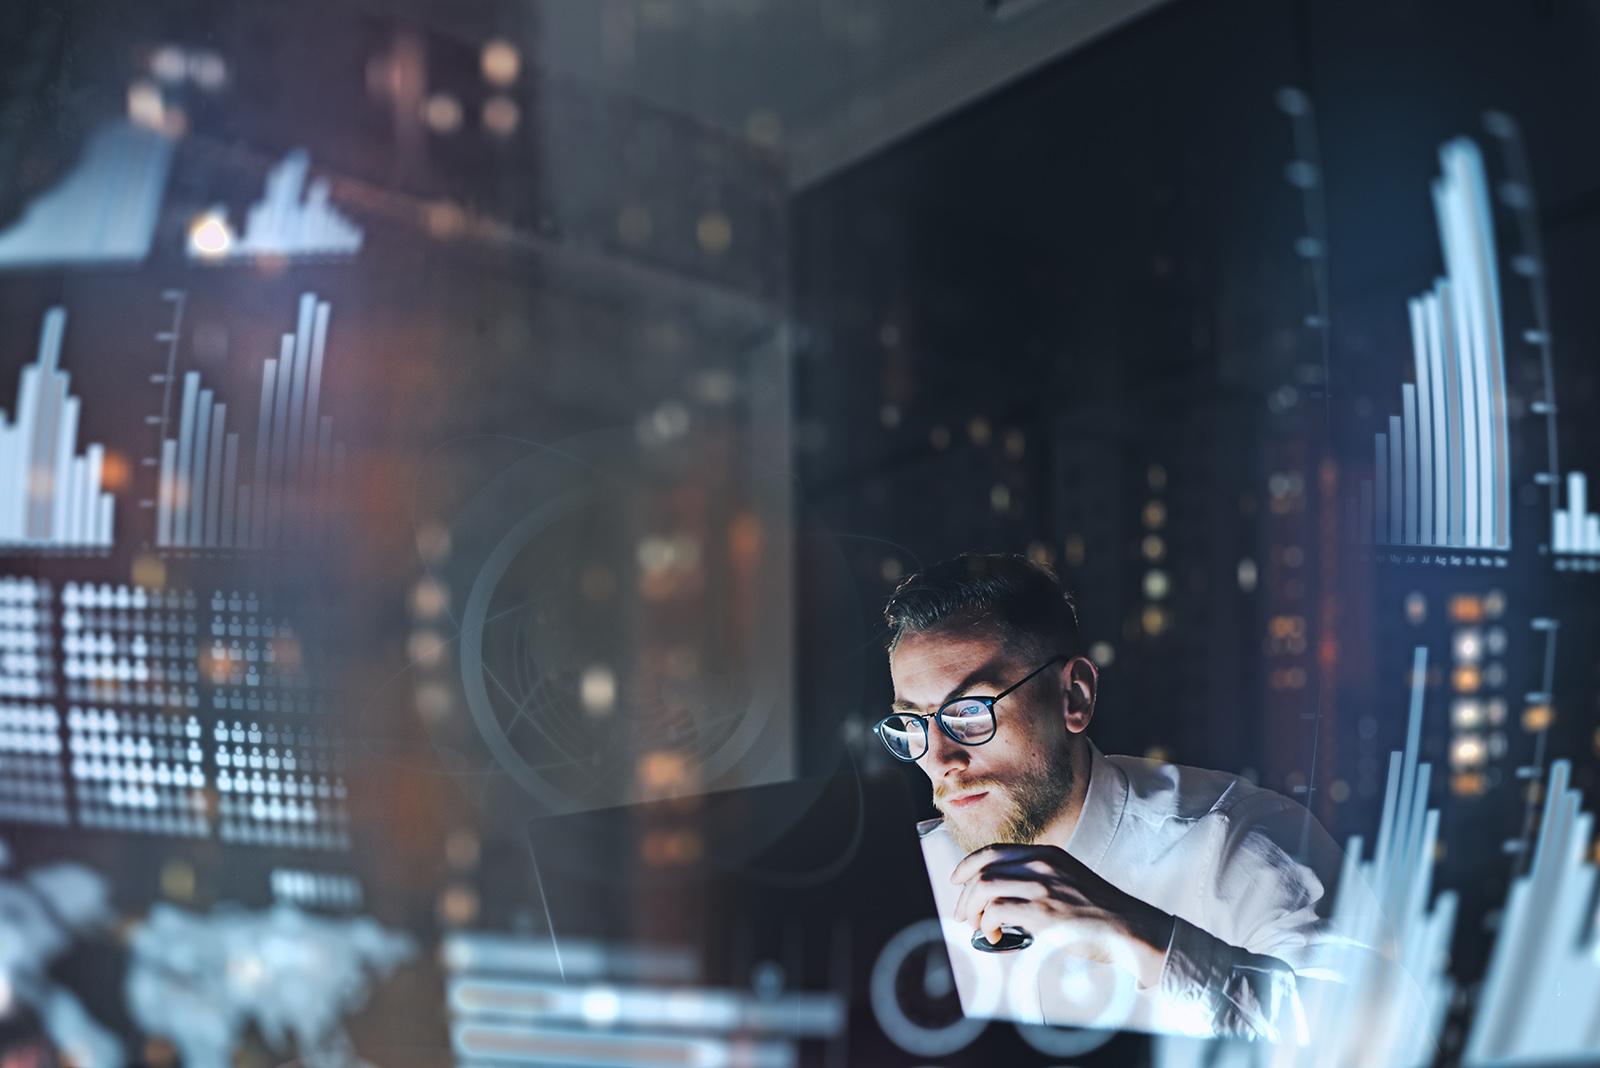 NTS IT-Techniker mit Brille vor Laptop bei der Arbeit